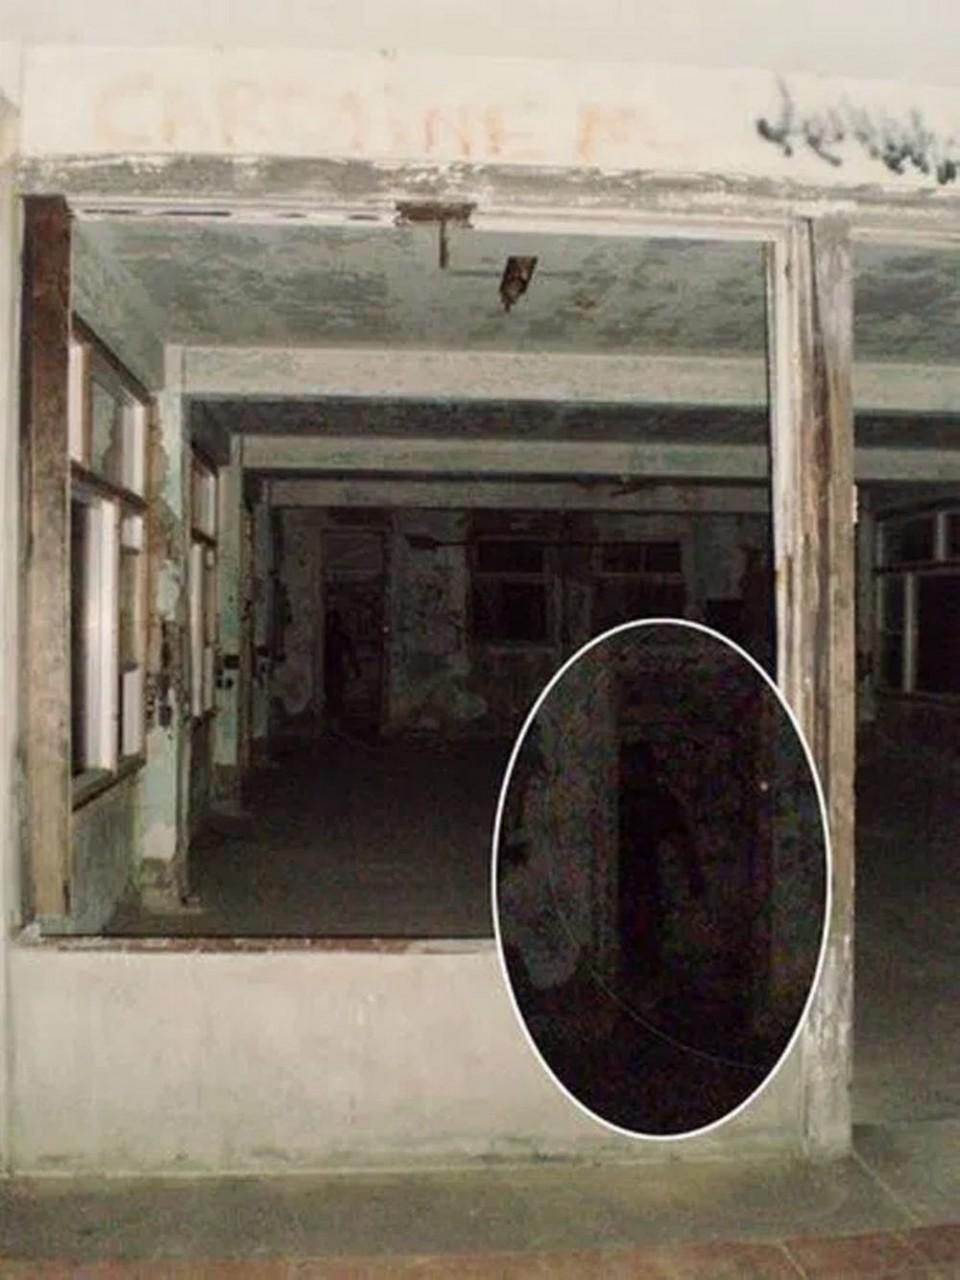 Больничные ужасы, или что бродит ночью по коридорам мед. учреждений?